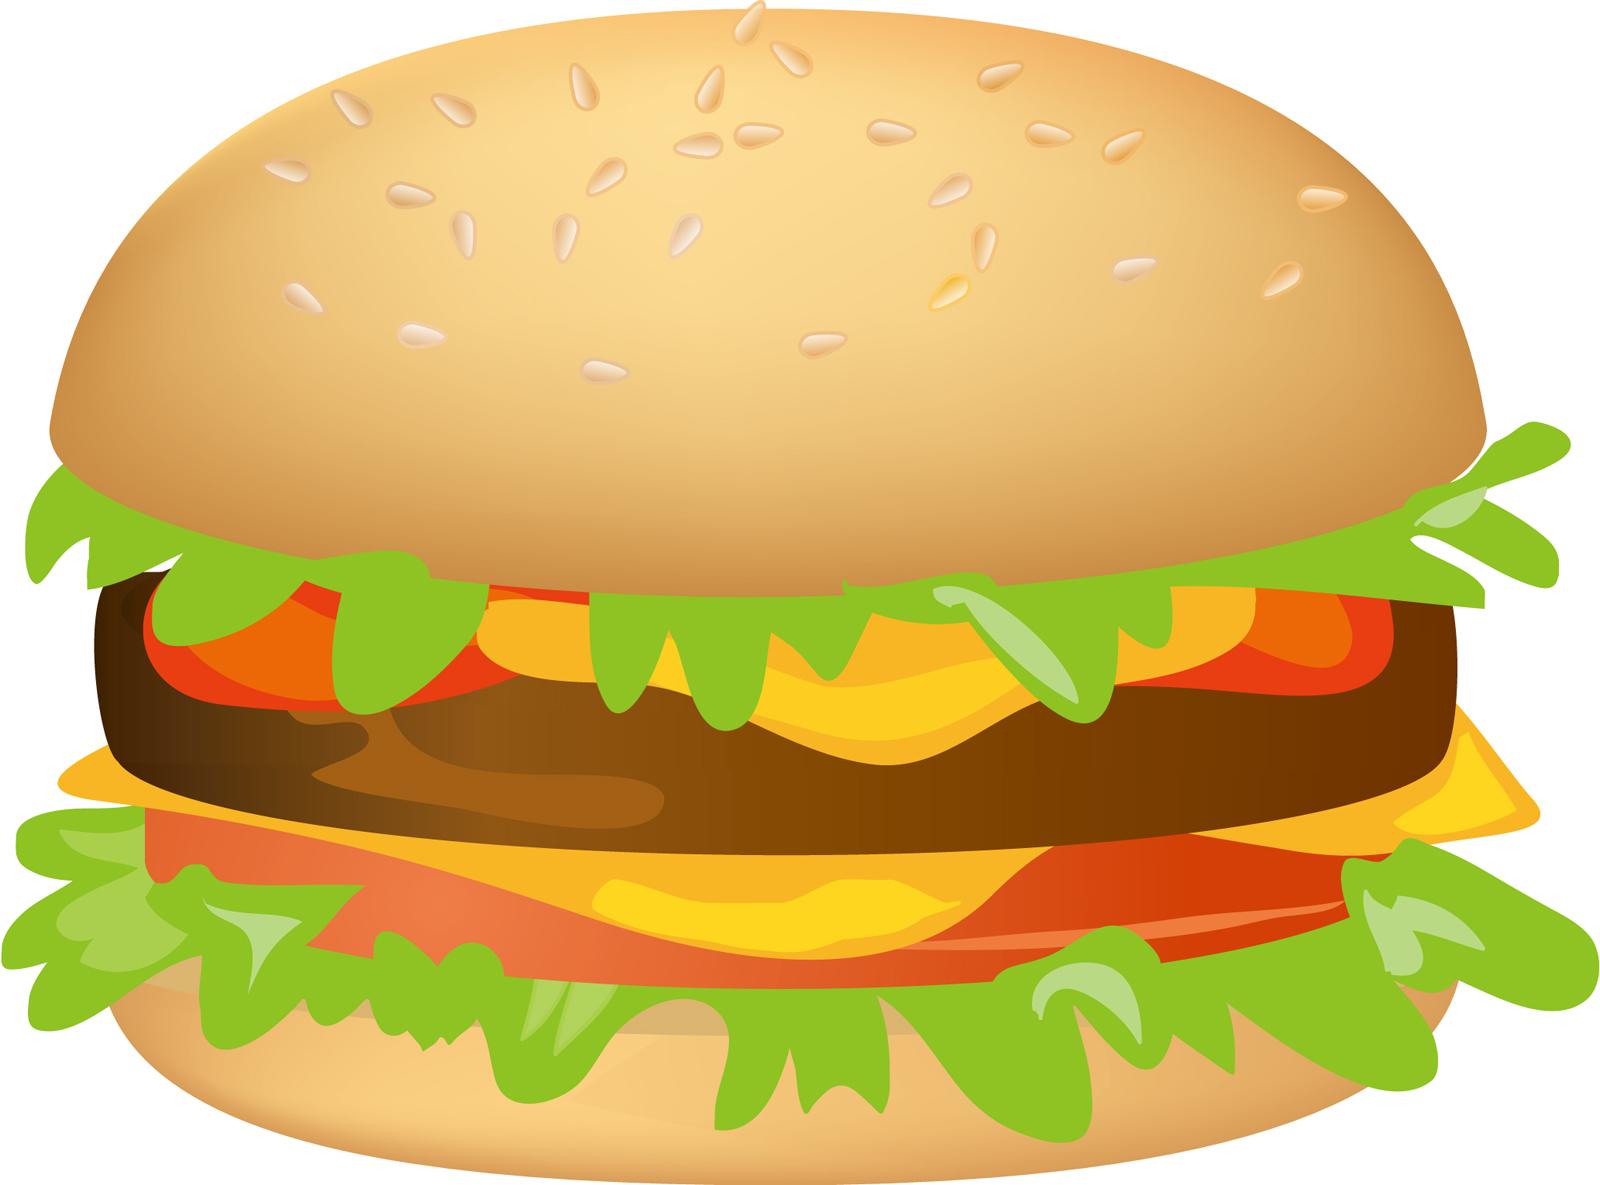 マクドナルドのメニュー(ハンバーガー31種類)を糖質の多い順に並べてみた